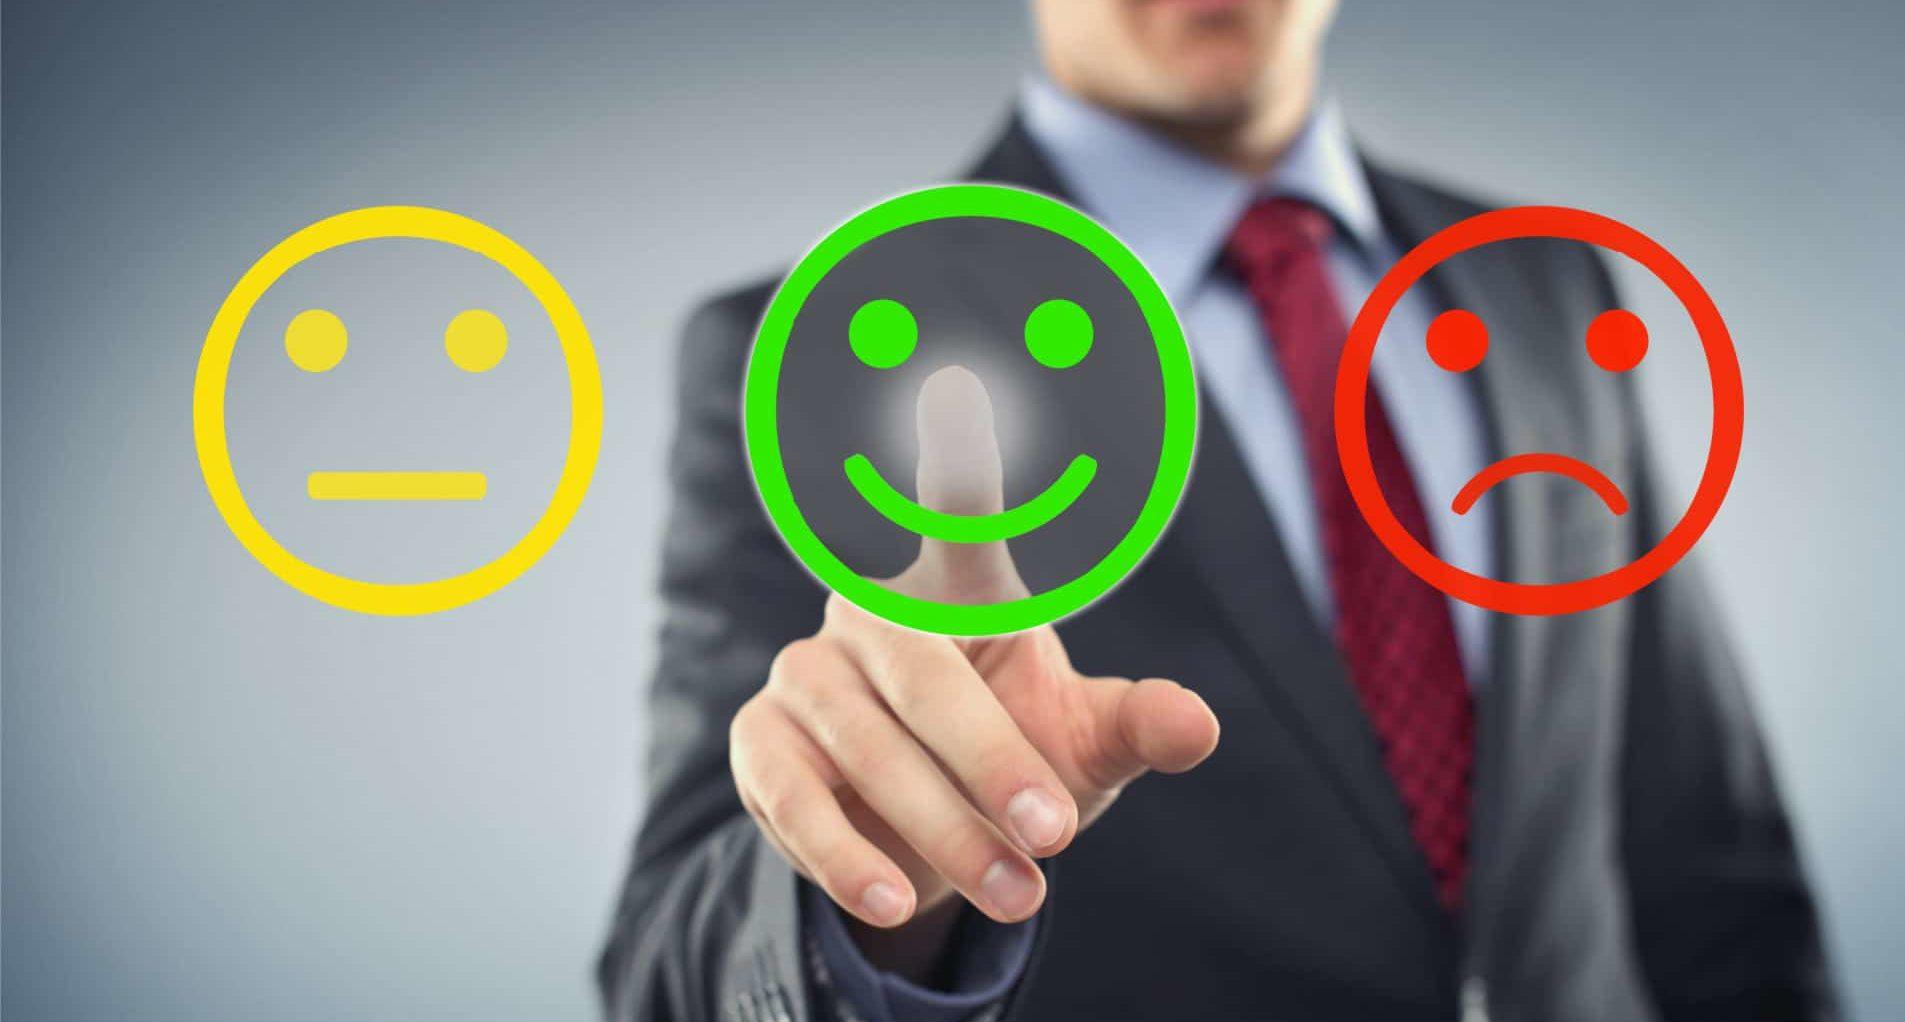 Ein Data Maturity Assessment verschafft Klarheit über den Status quo Ihres Unternehmens bezüglich der digitalen Transformation in Form des digitalen Reifegrads.